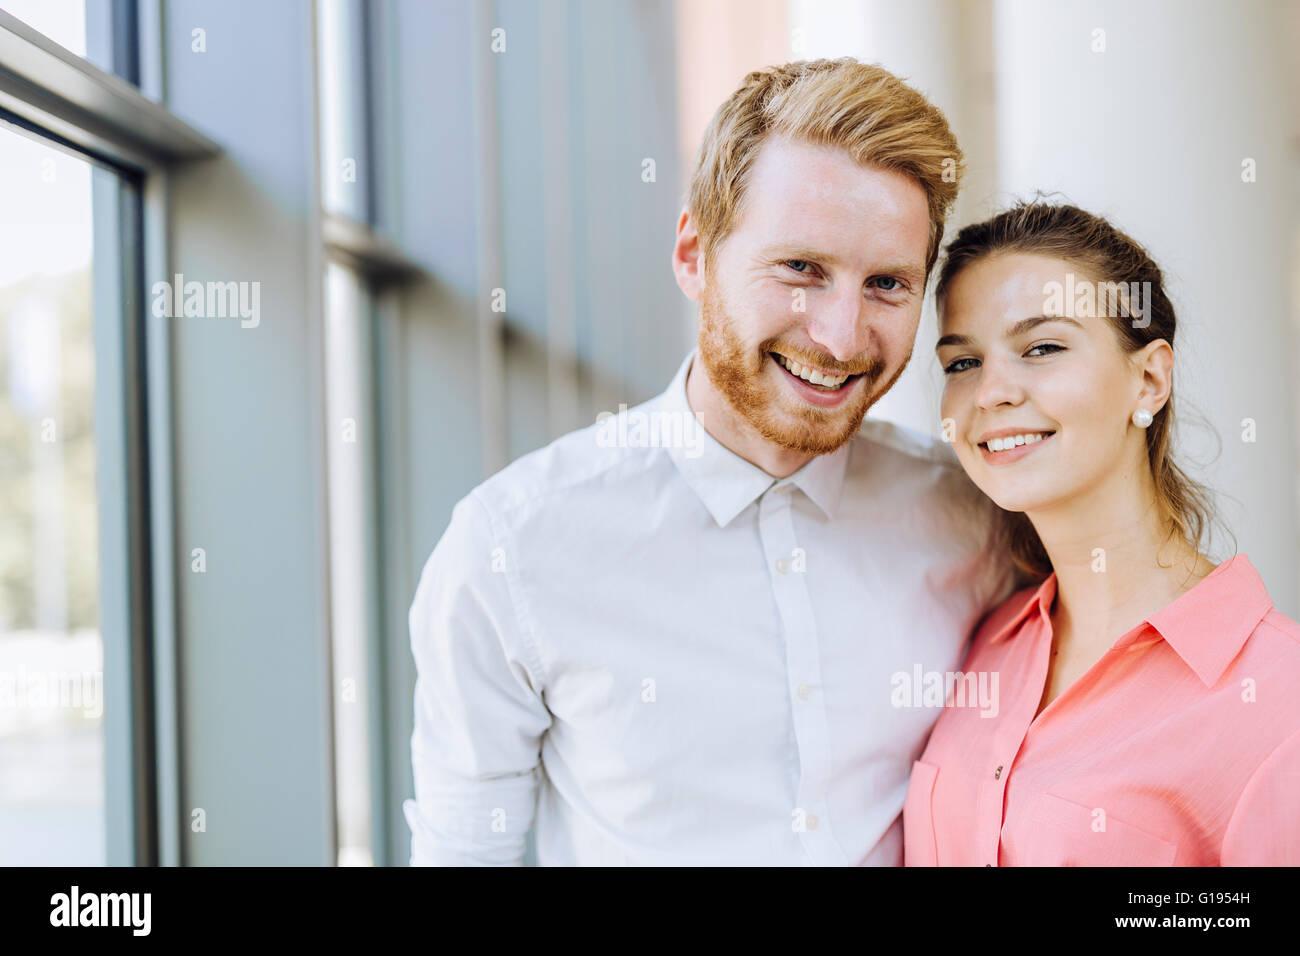 Schöne Kollegen im Geschäft lächelnd und die Nähe zu einander. Aufrichtige Gefühle Stockbild